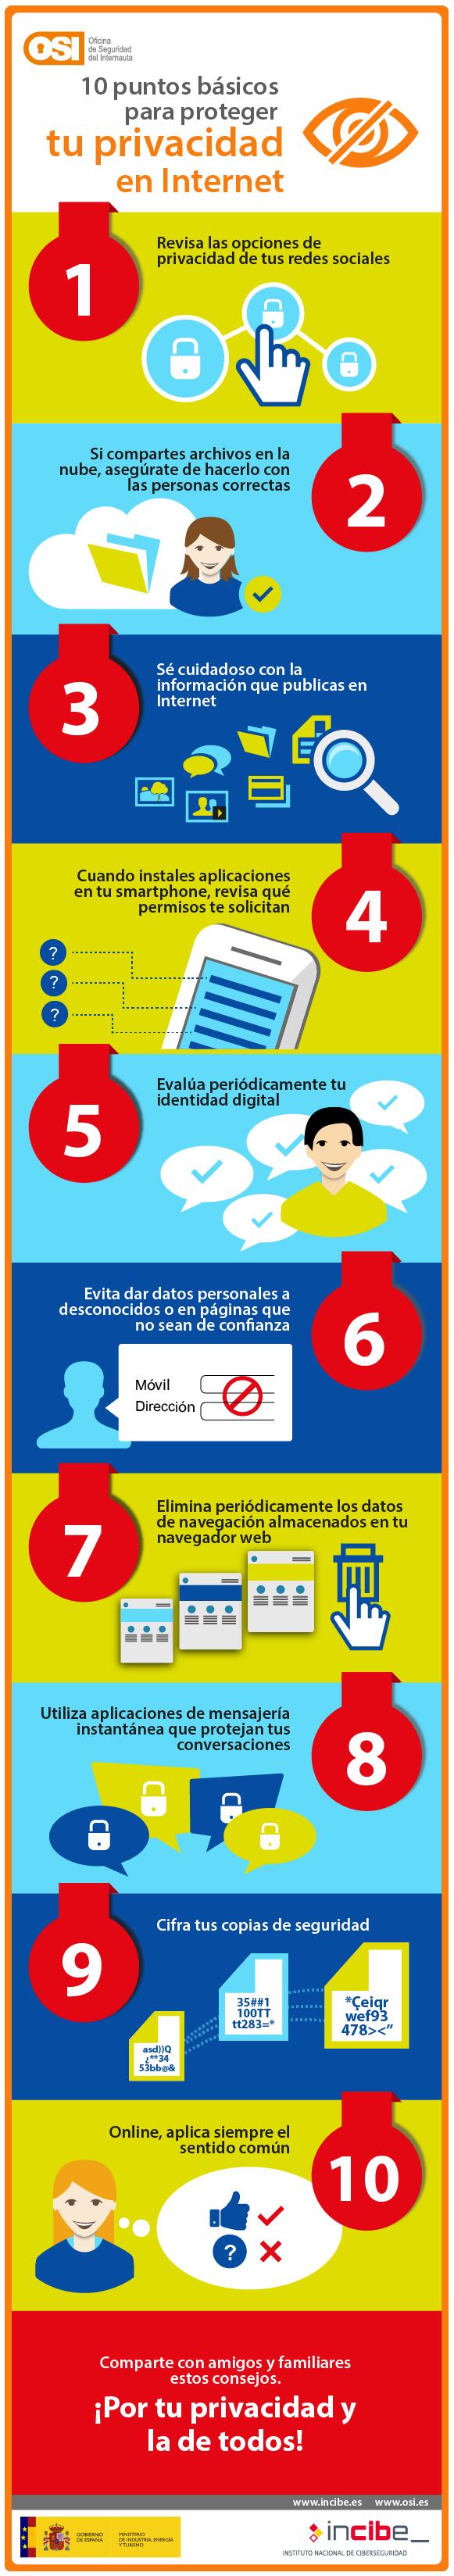 10 puntos b sicos para proteger tu privacidad online los 365 d as v a oficina de la seguridad - Oficina de seguridad del internauta ...